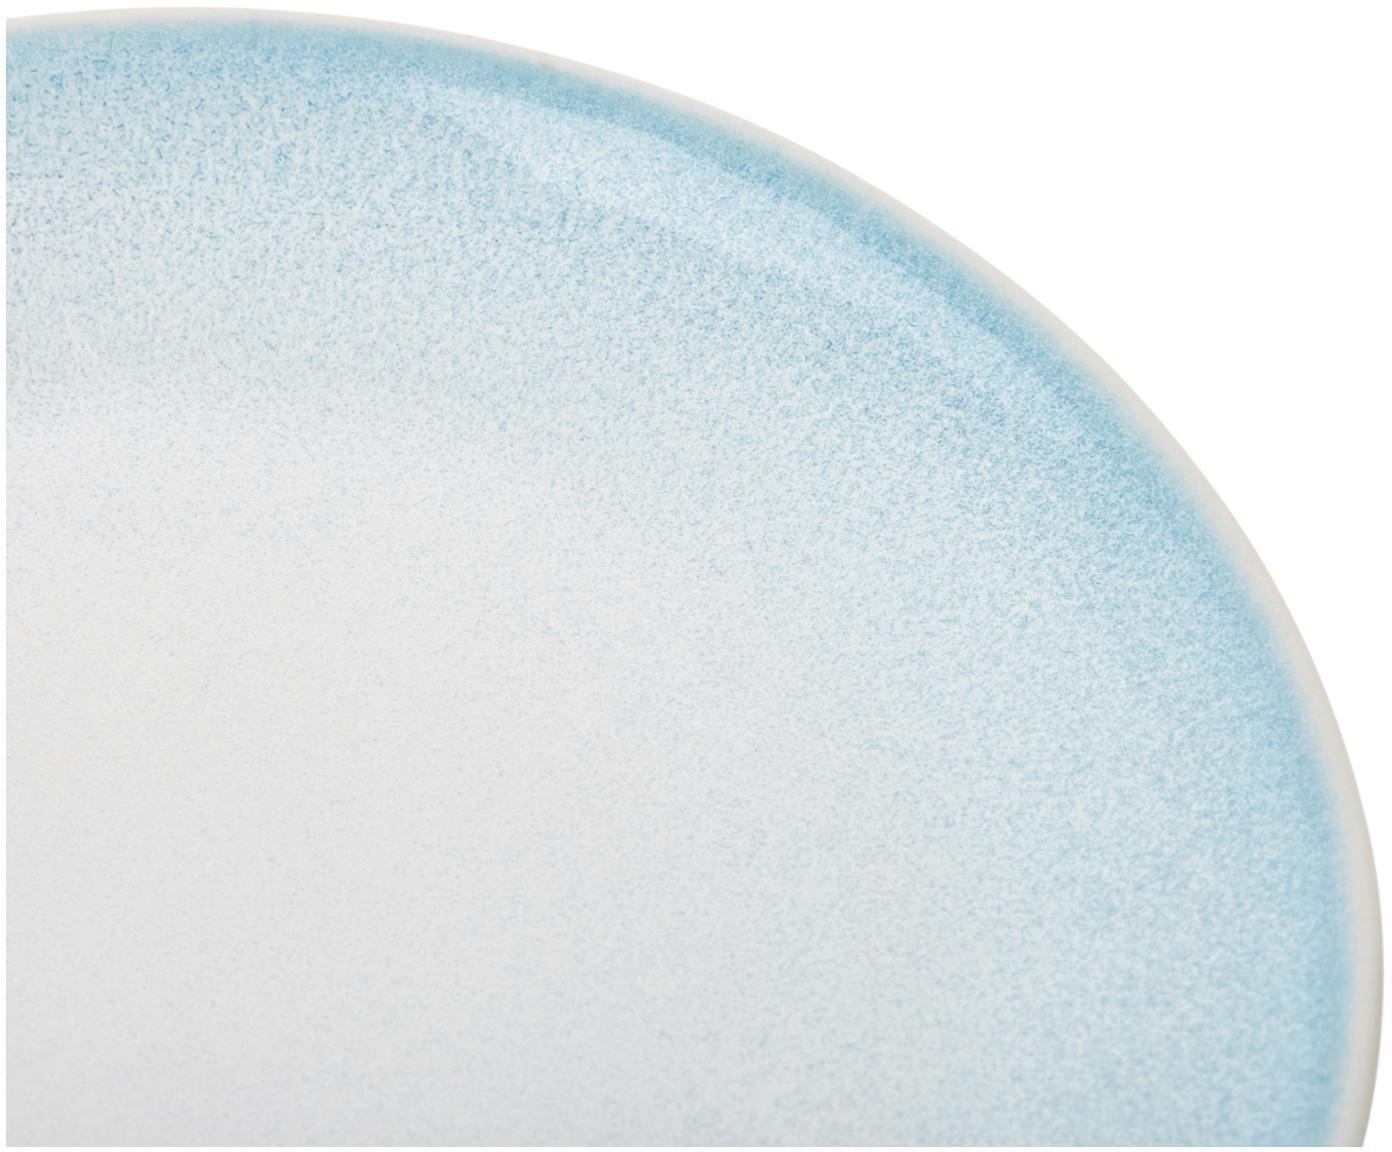 Handgemachte Frühstücksteller Amalia mit effektvoller Glasur, 2 Stück, Porzellan, Hellblau, Cremeweiss, Ø 20 cm